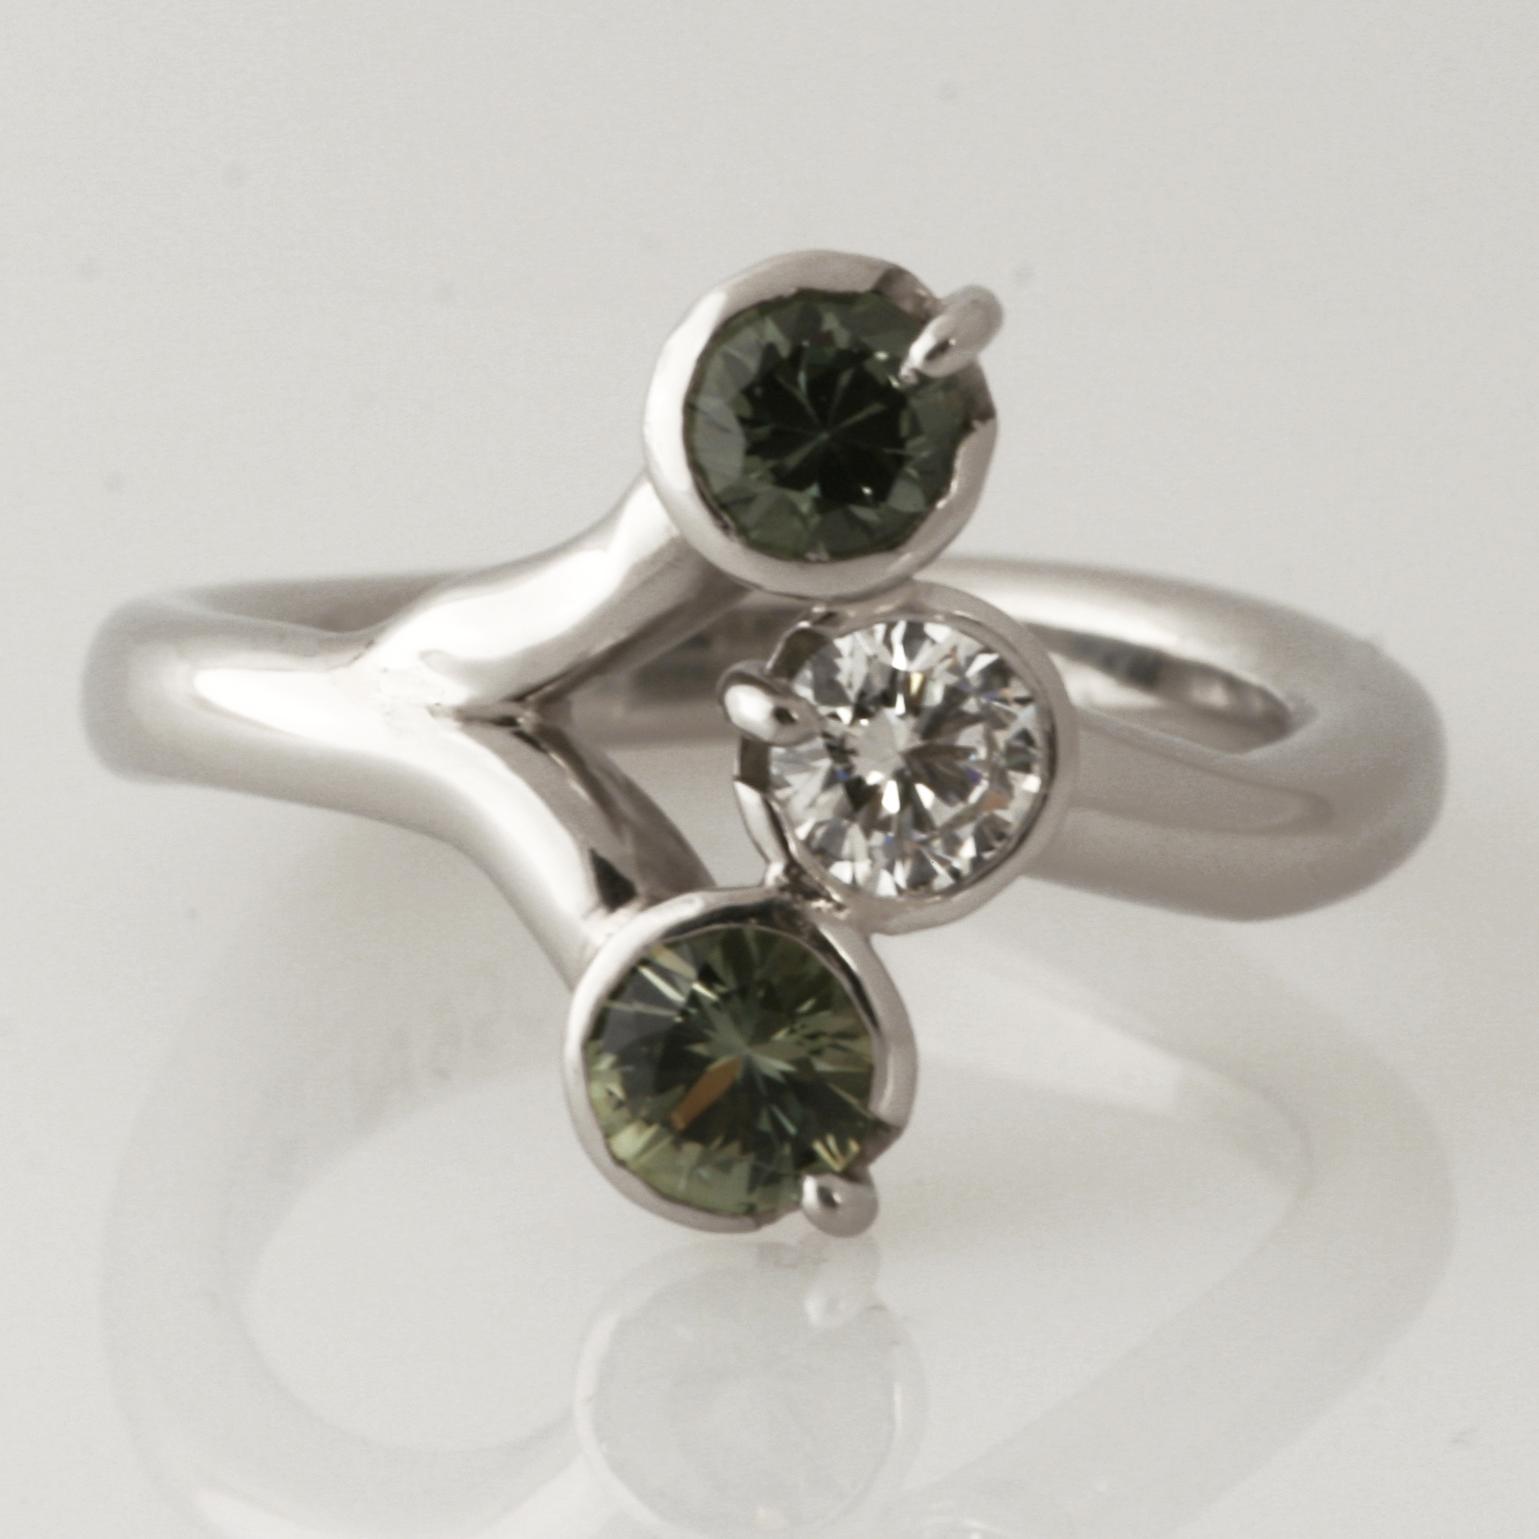 Handmade ladies palladium green sapphire and diamond ring